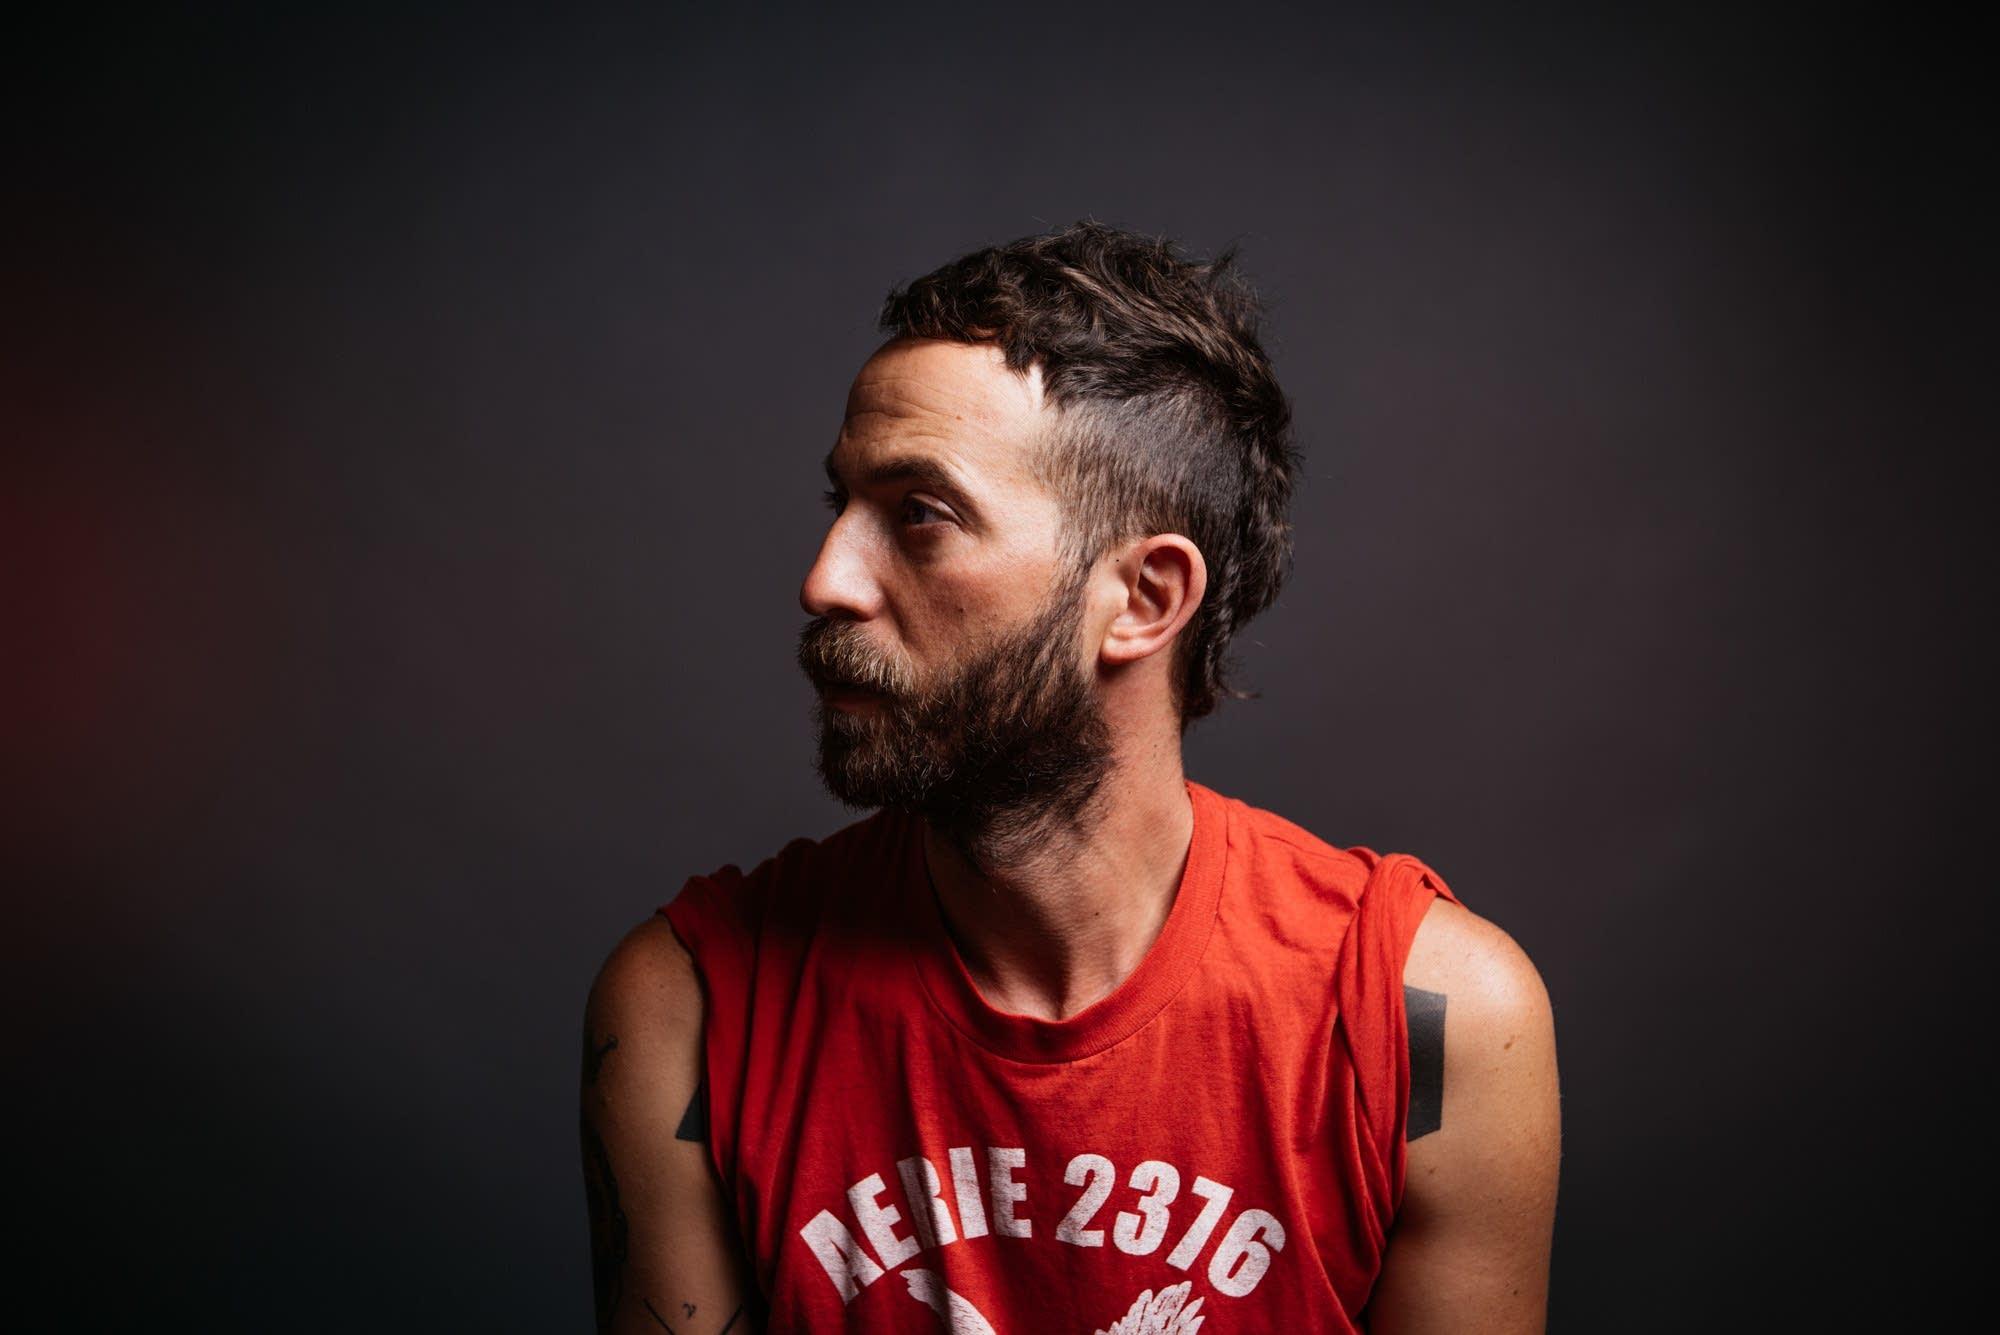 Mondo Cozmo - aka Joshua Ostrander - portrait at The Current